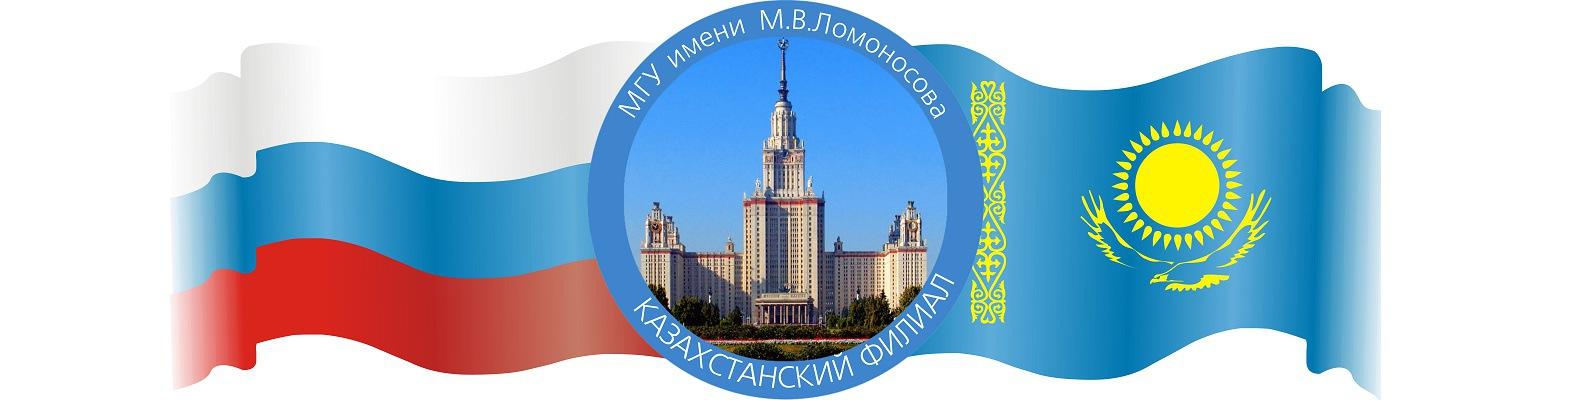 Олимпиада по программированию  Казахстанского филиала  МГУ имени М.В.Ломоносова — 2018